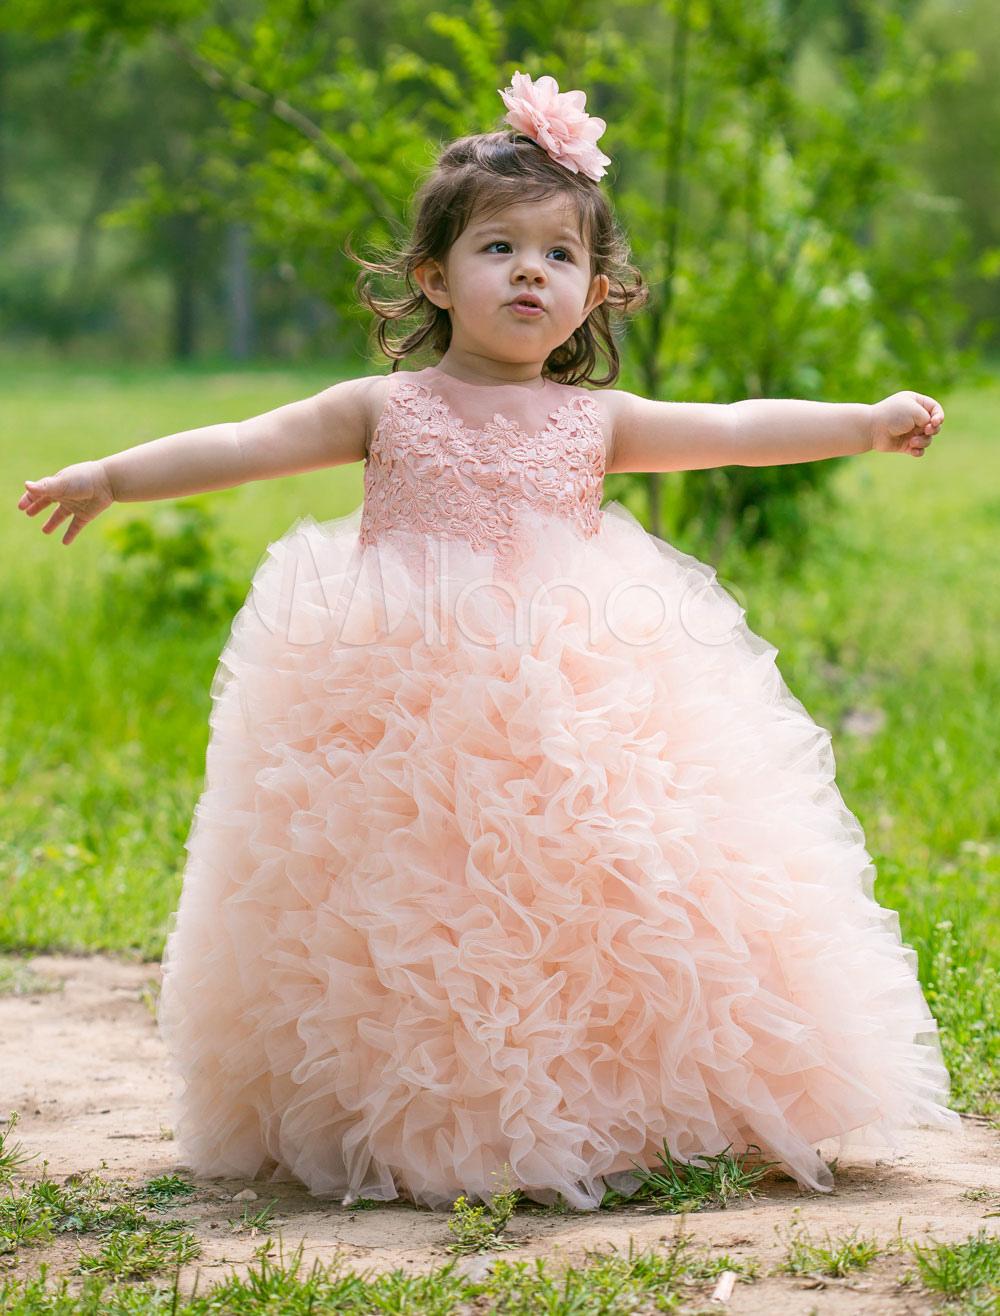 Pink Pageant Dress Flower Girls Dress Ankle-length Ball Gown Ruffles Toddler's Princess Dress